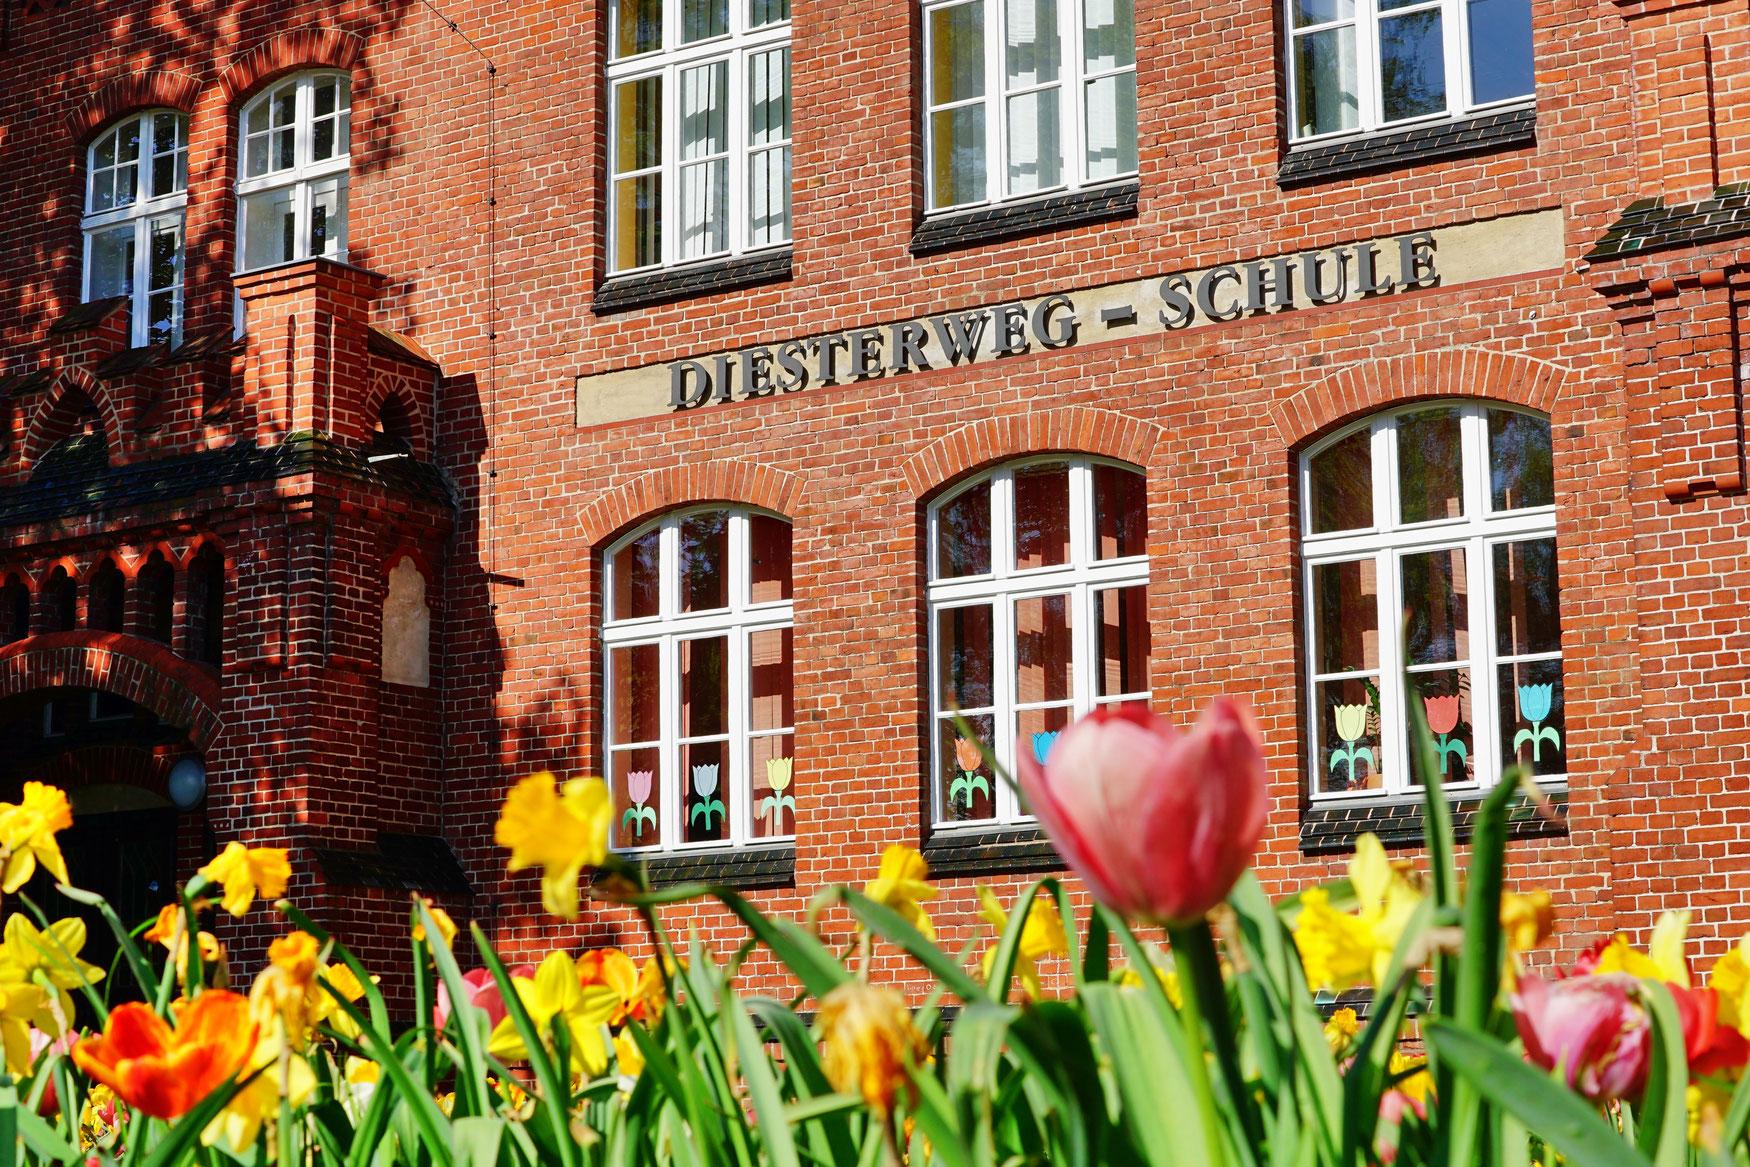 Diesterweg Grundschule Beelitz